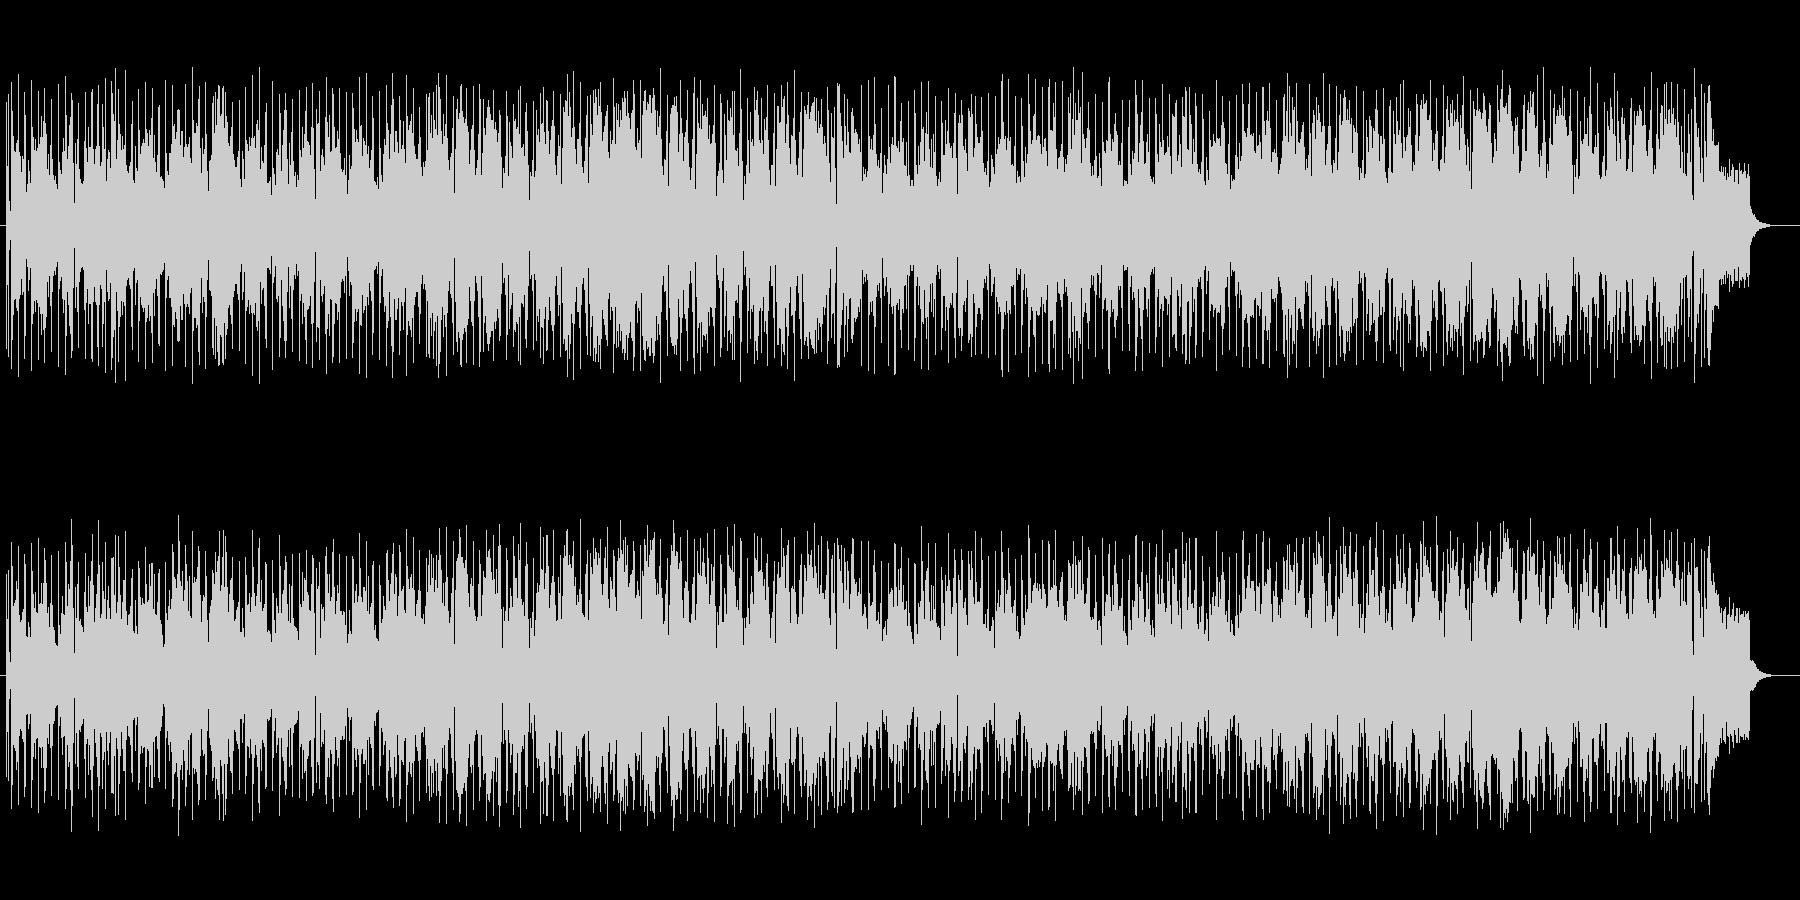 明るく楽しげなシンセサイザーサウンドの未再生の波形